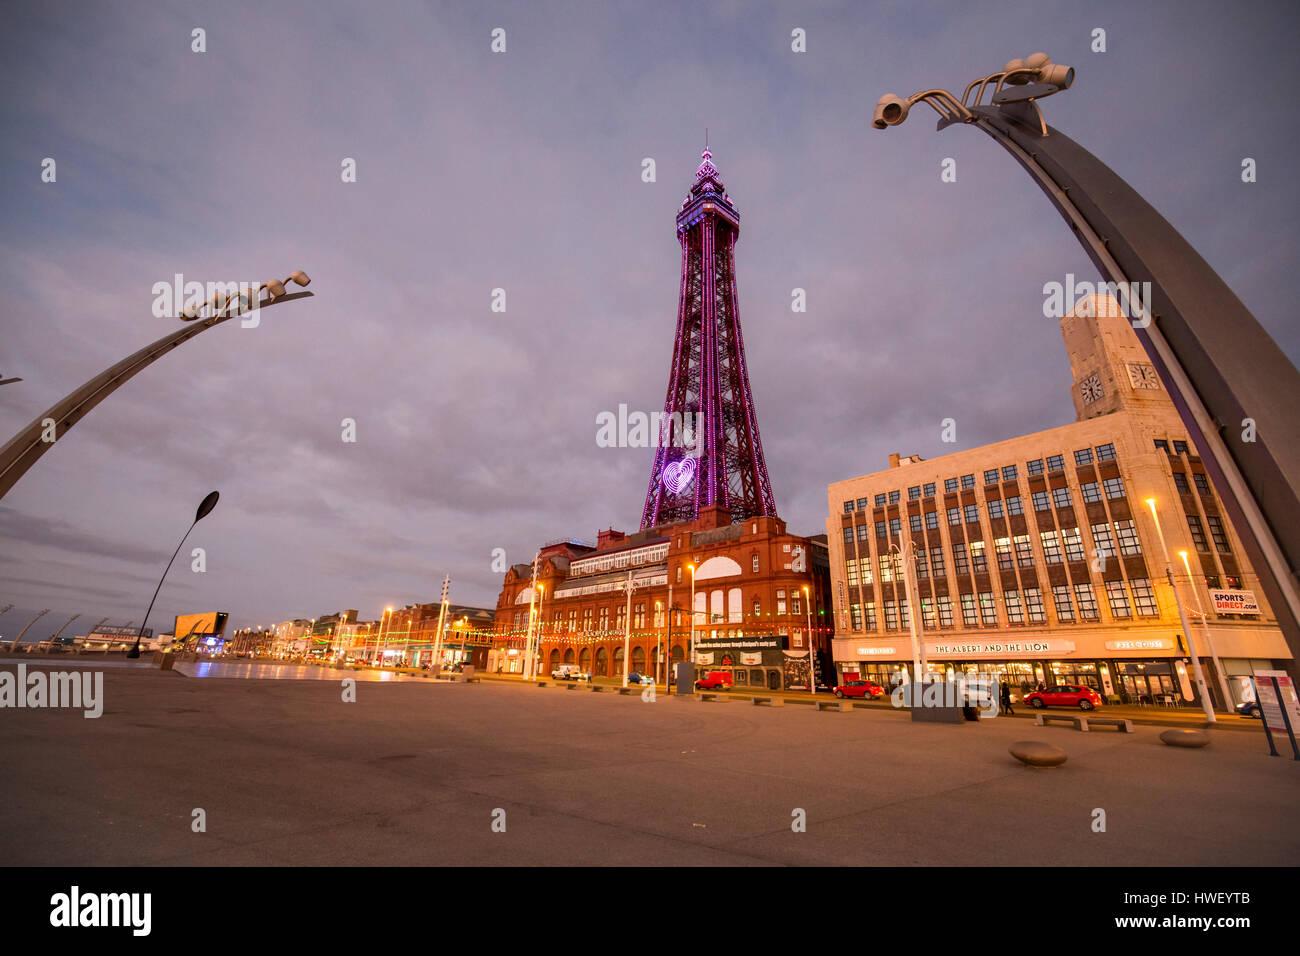 Blackpool - ein Badeort an der irischen See Englands. Blackpool Tower in lila Licht beleuchtet. Stockbild